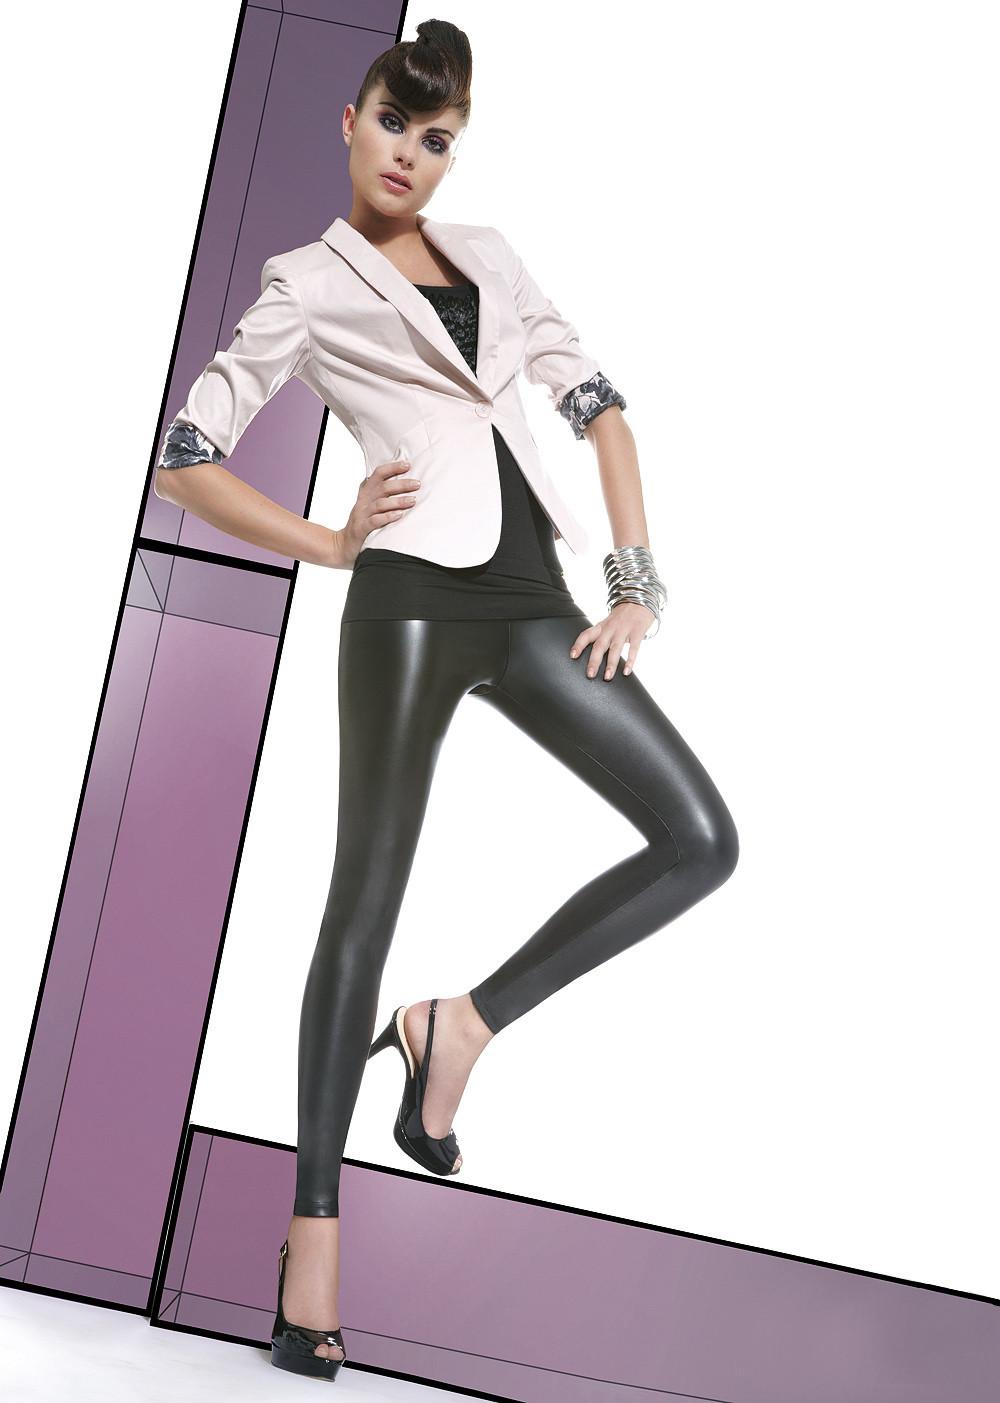 Legíny Elen - Bas Bleu barva: černá, velikost: S